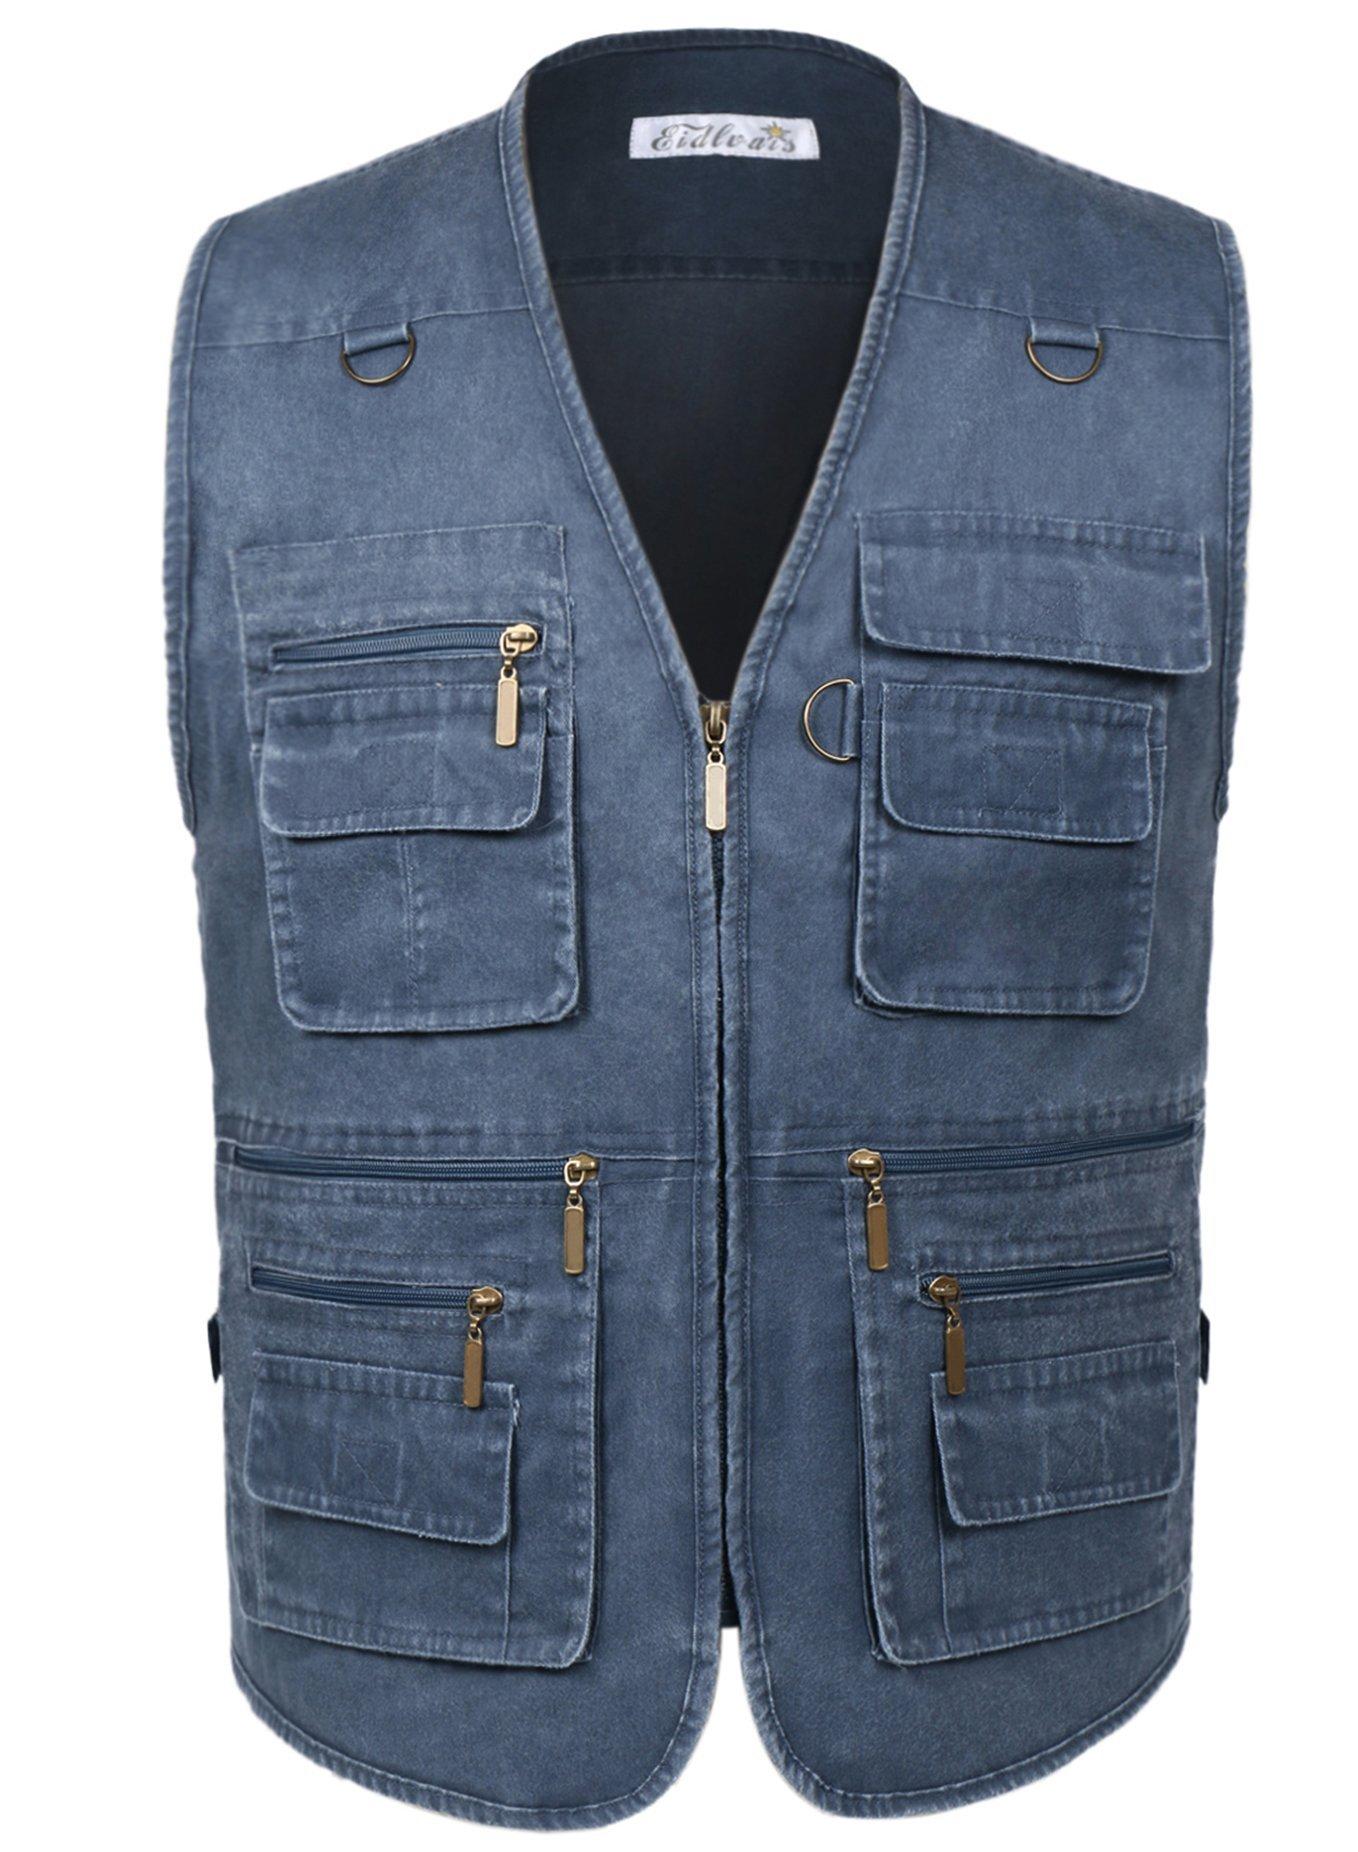 Eidlvais Men's Multi-Pockets Vest For Outdoors Travels Sports Blue Size XXL by Eidlvais